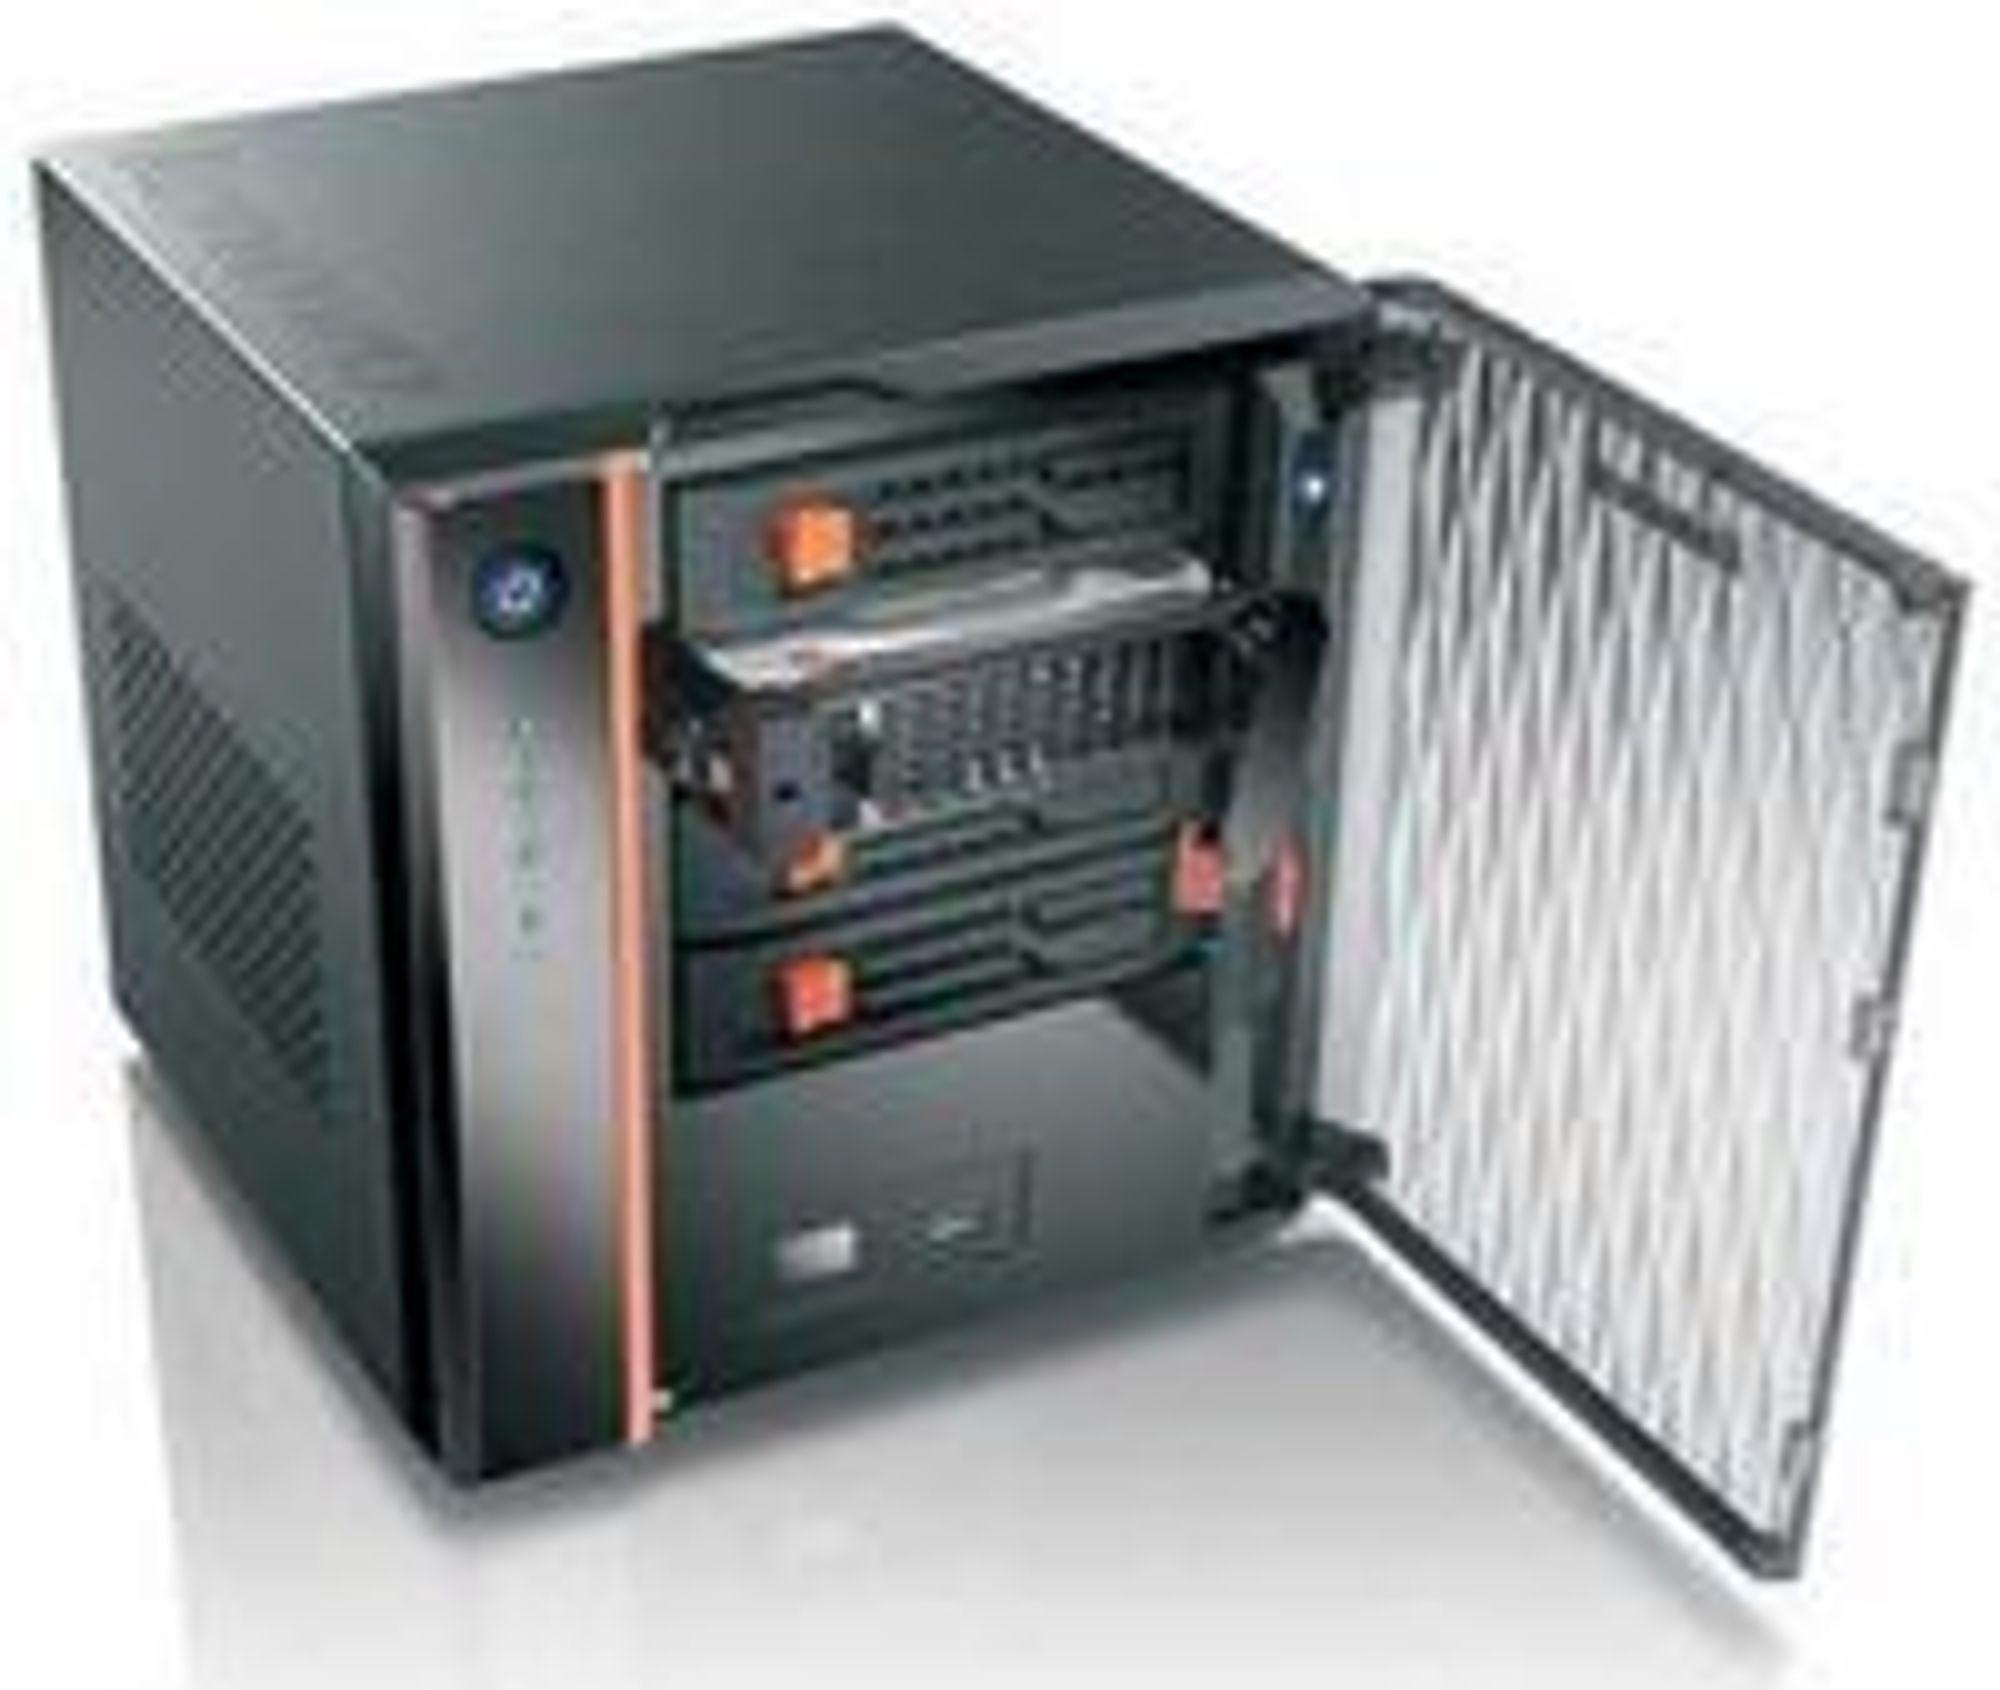 Lenovo tilbyr servere til hjem og kontor.